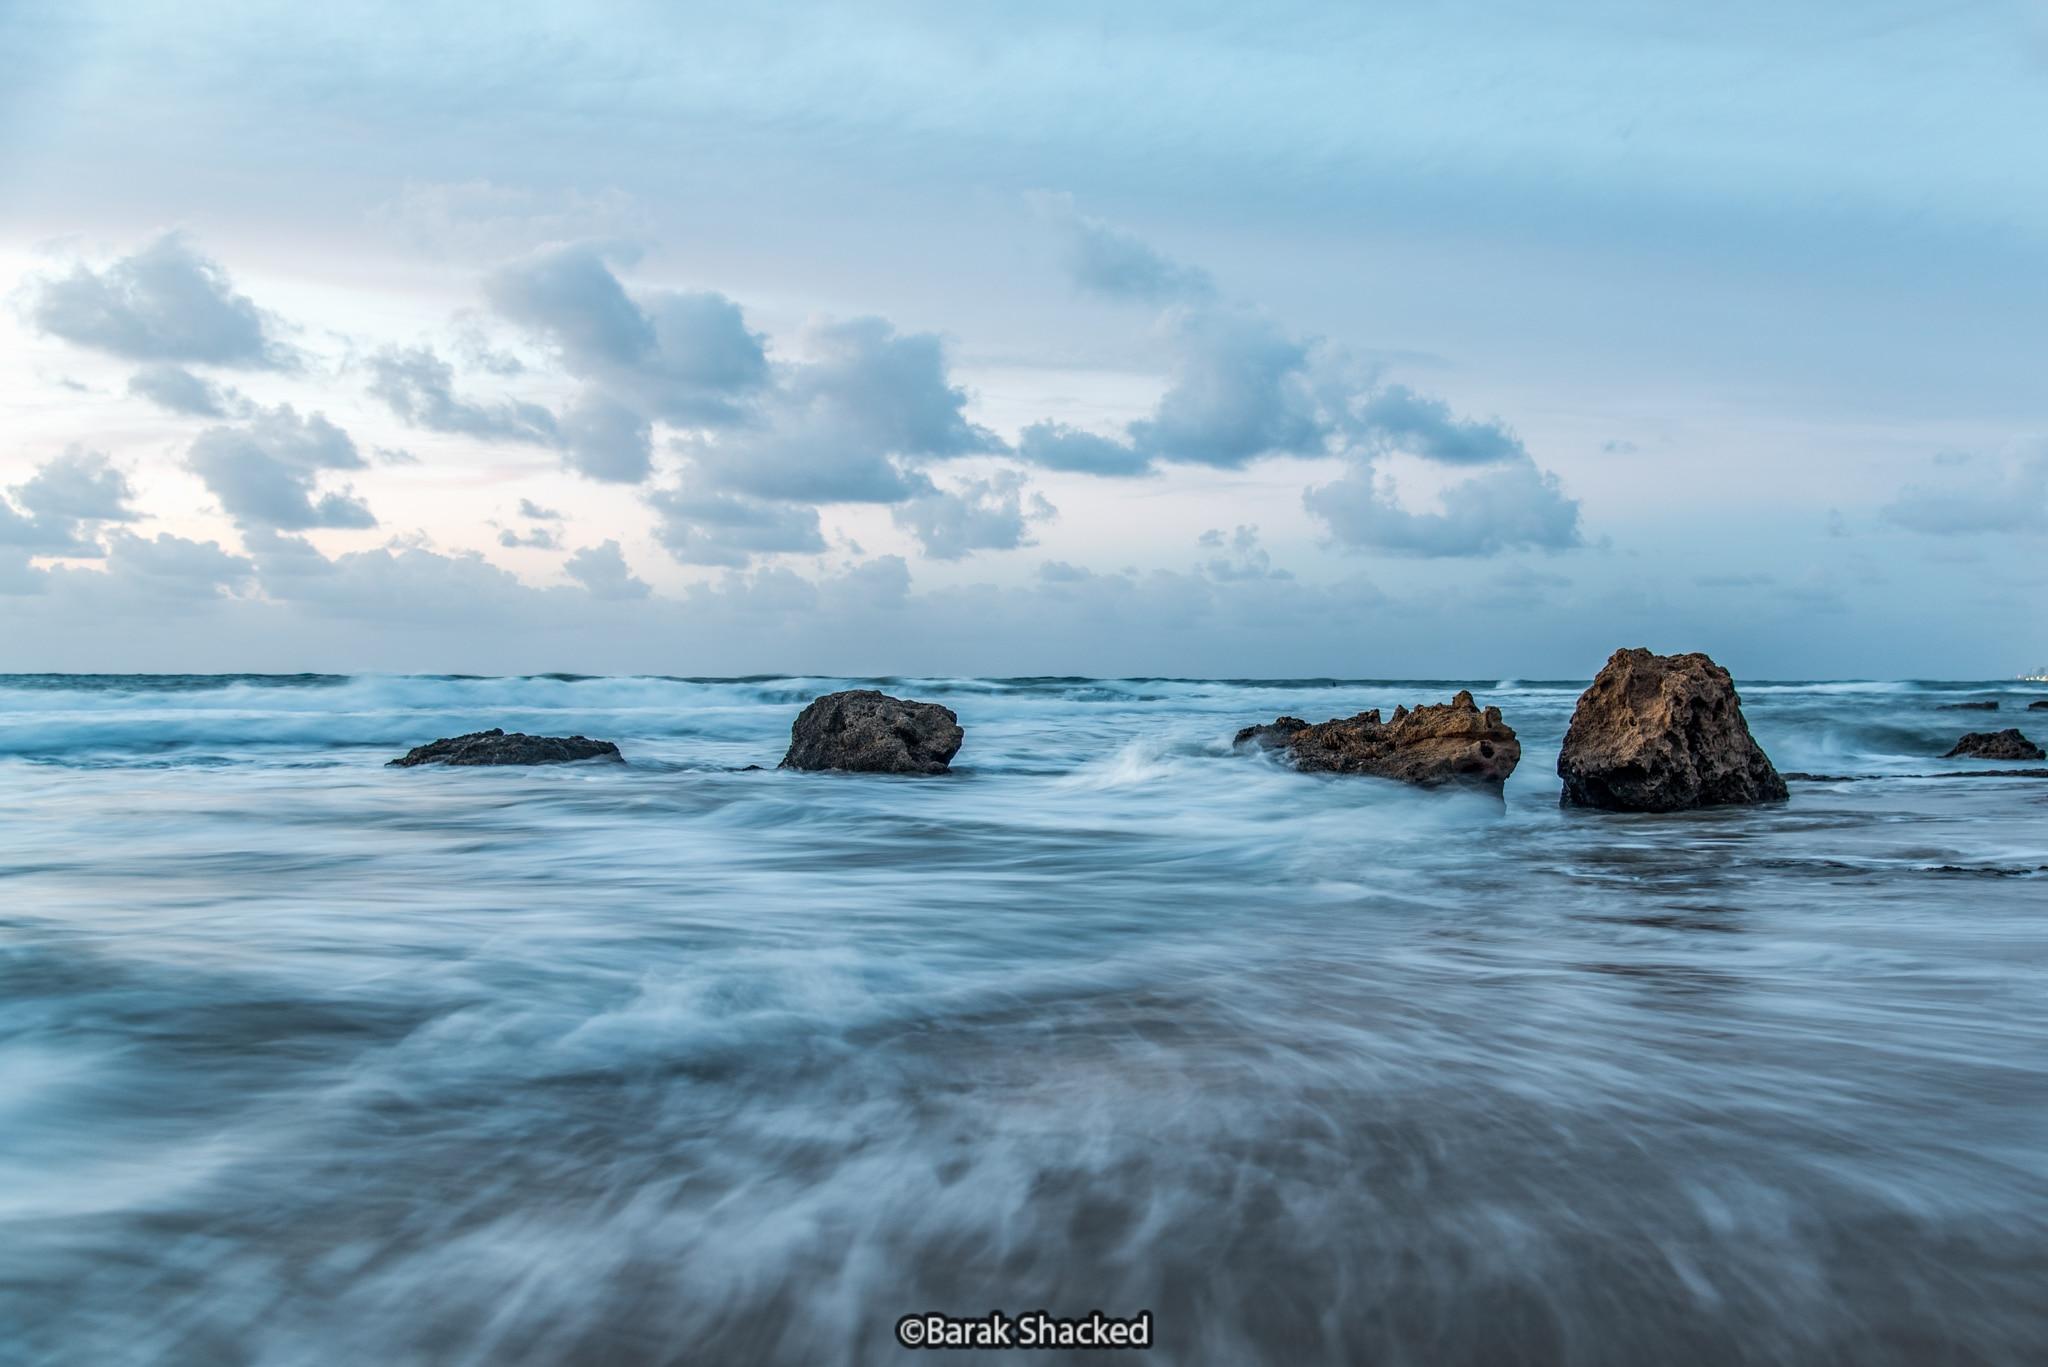 מריחת מים בחוף